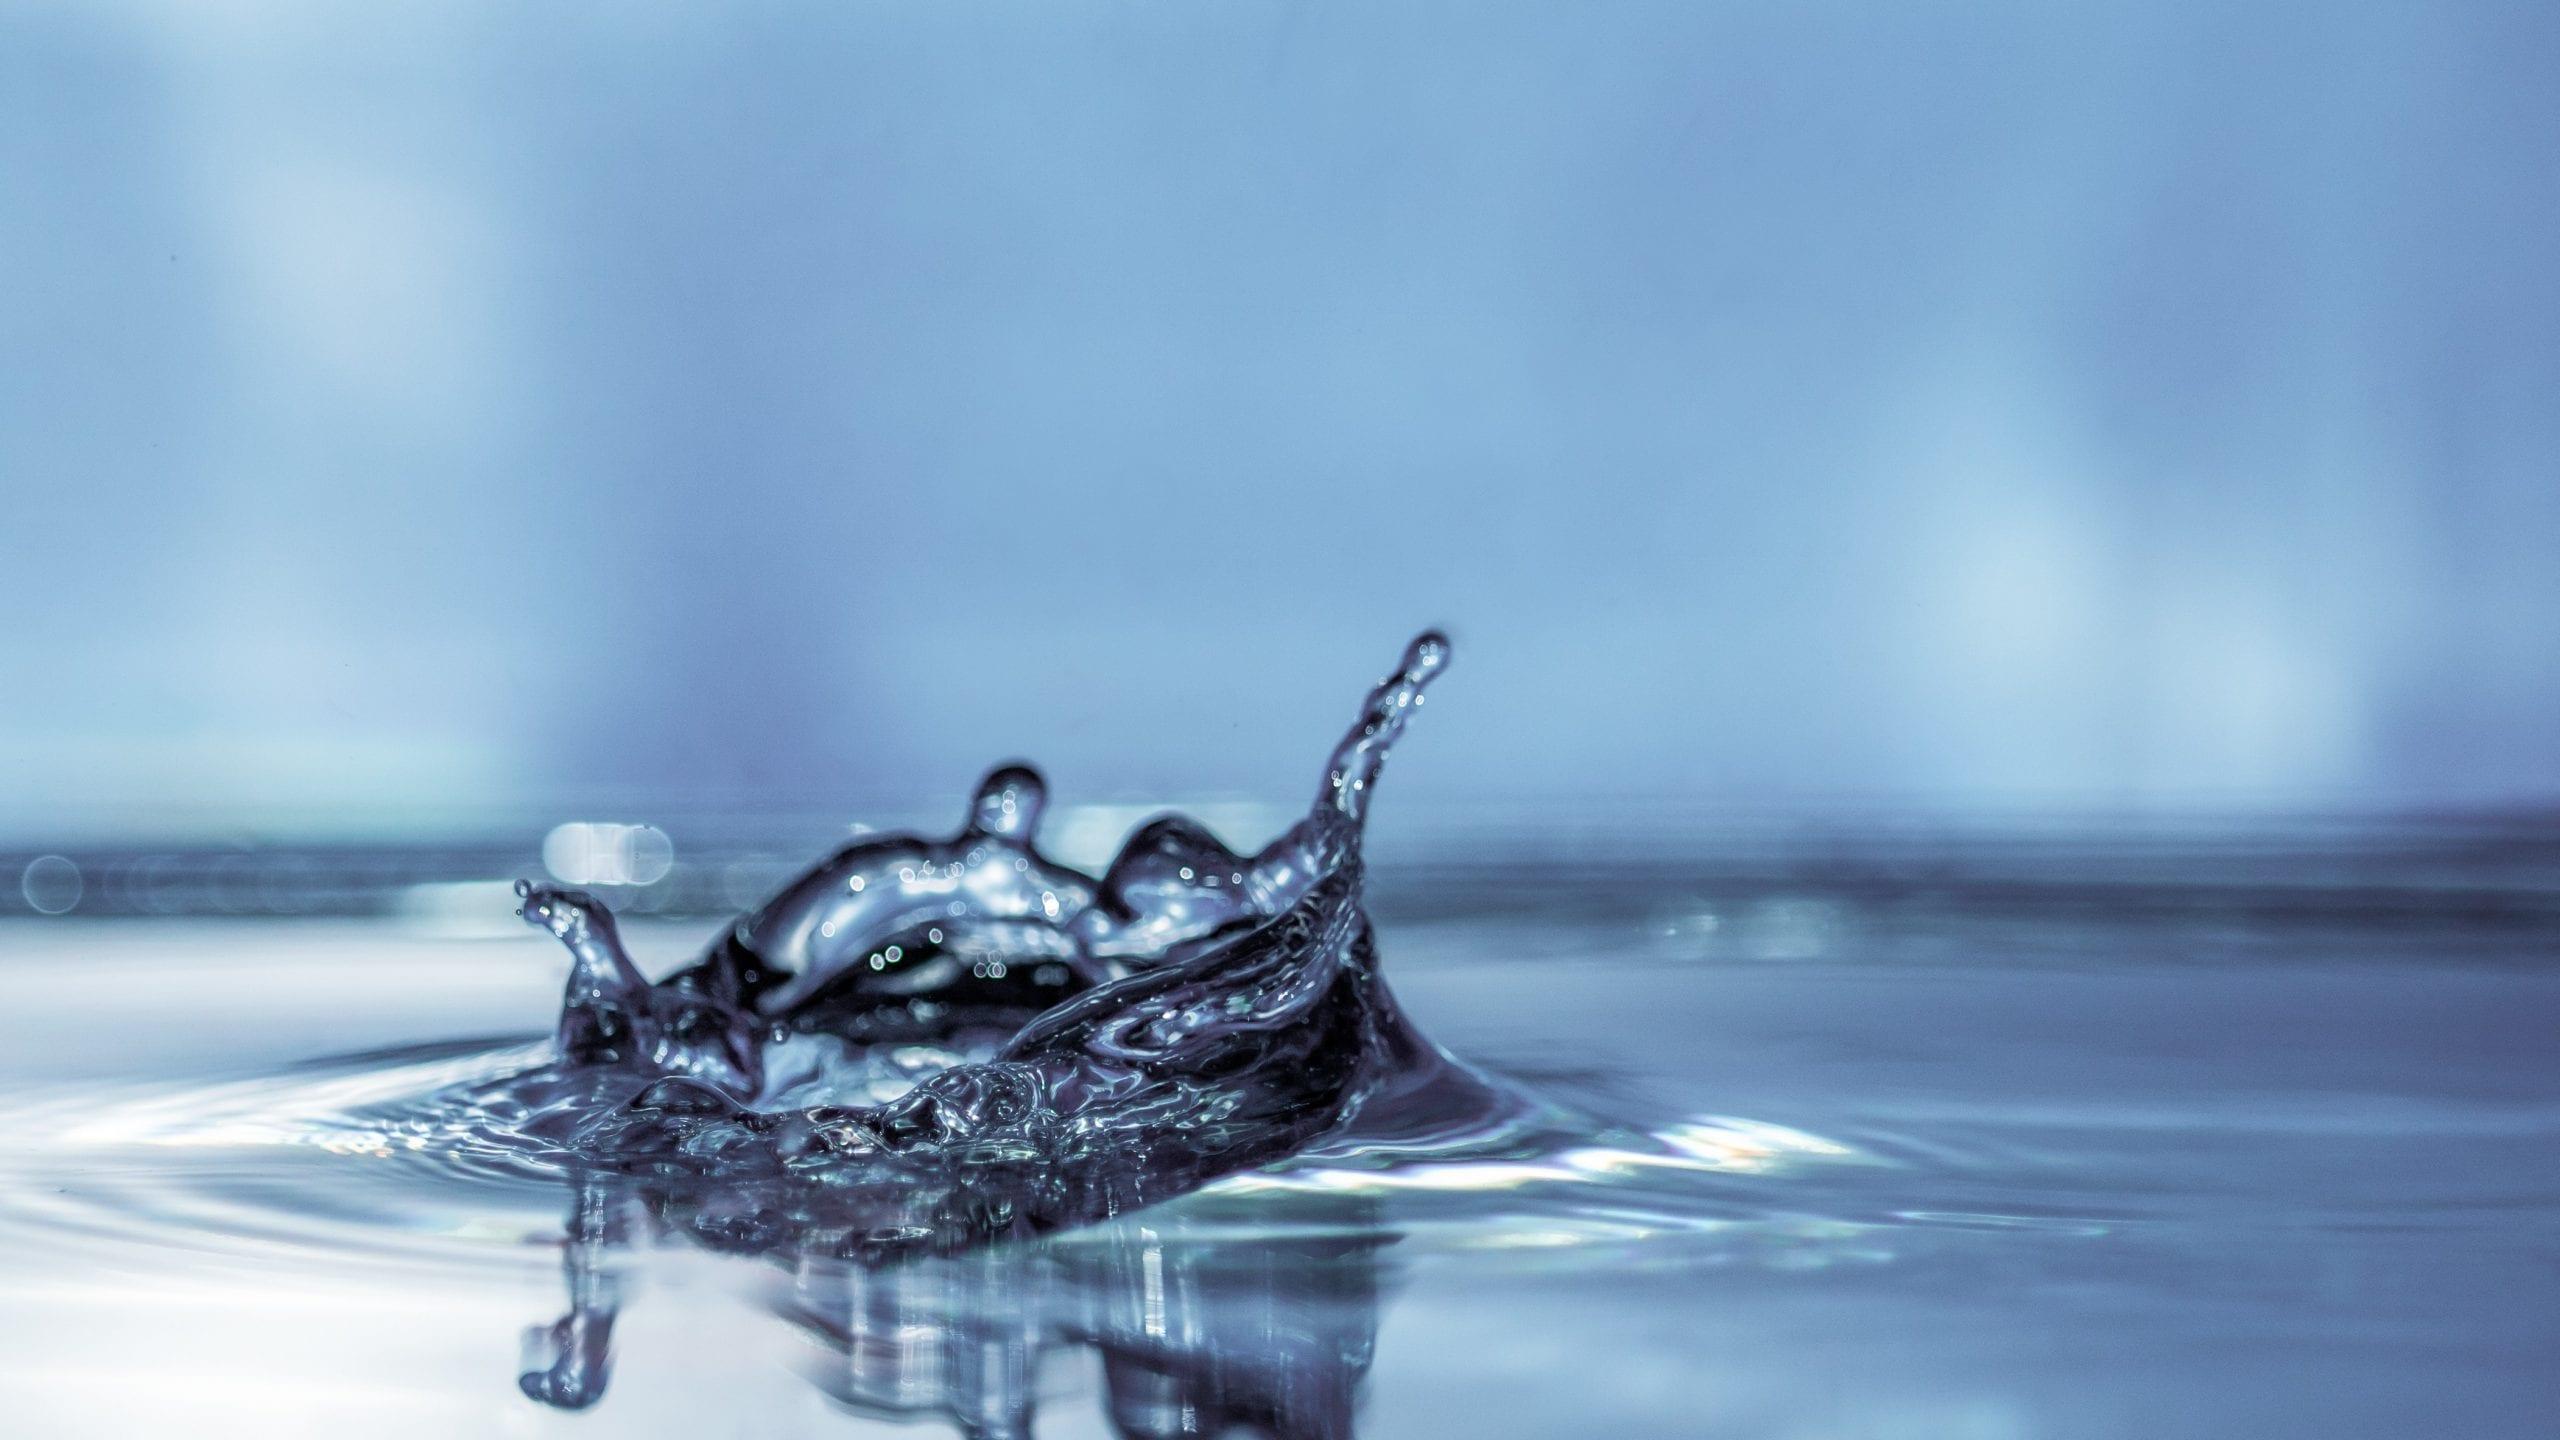 Por escasez, el agua comienza a cotizarse en Wall Street - Forbes Colombia